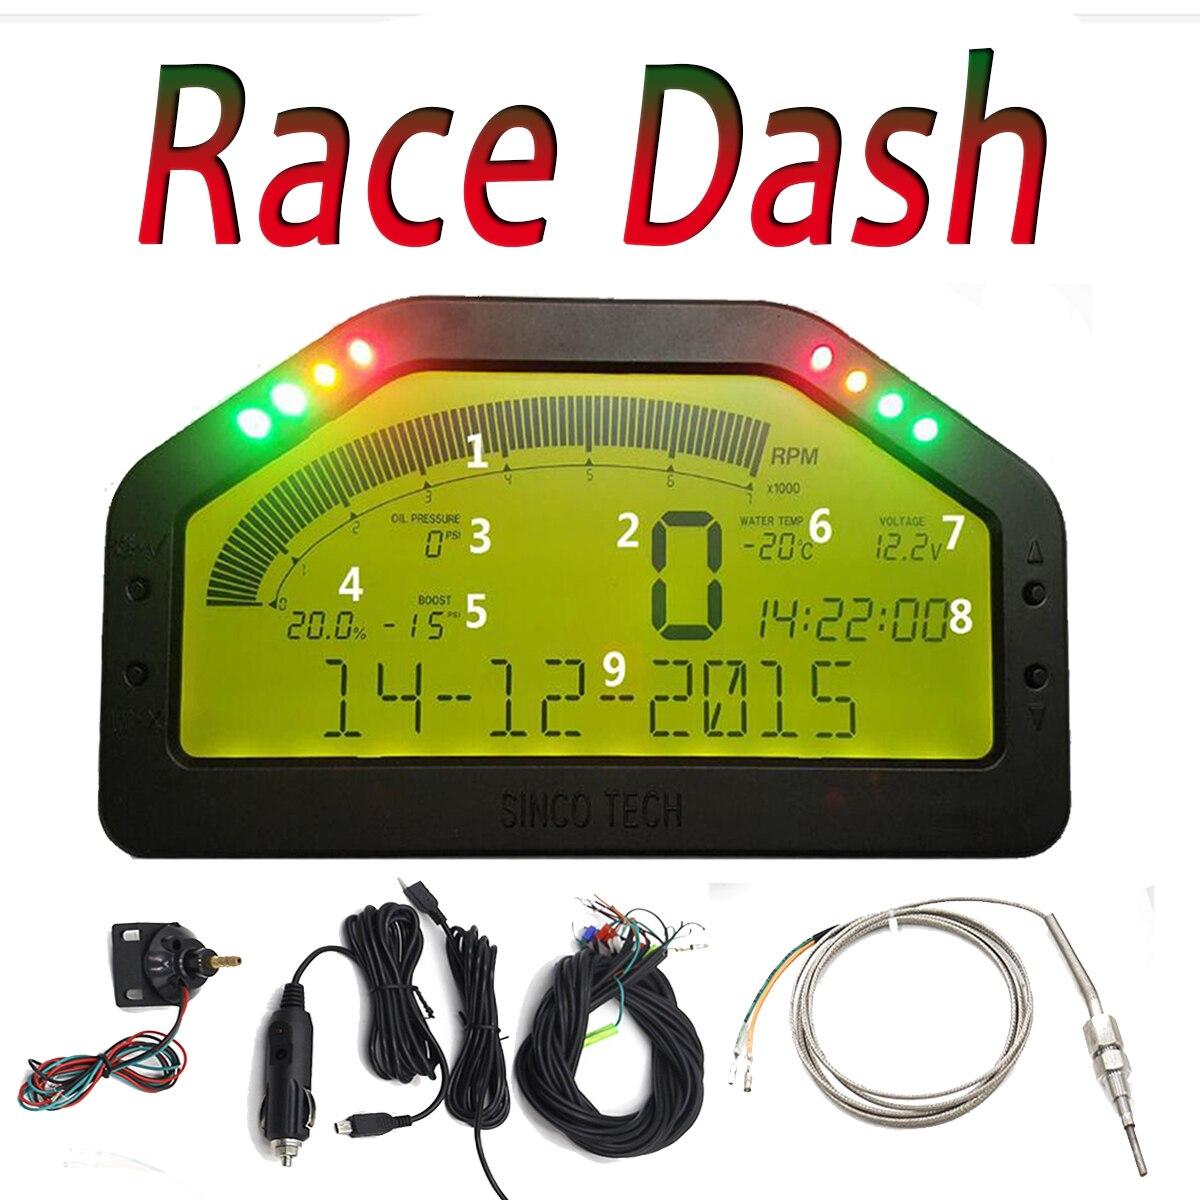 Nuovo Impermeabile 9000 rpm Dash Gara Visualizzazione Completa del Sensore Kit Cruscotto A CRISTALLI LIQUIDI Dello Schermo Rally Gauge Con La Funzione Bluetooth